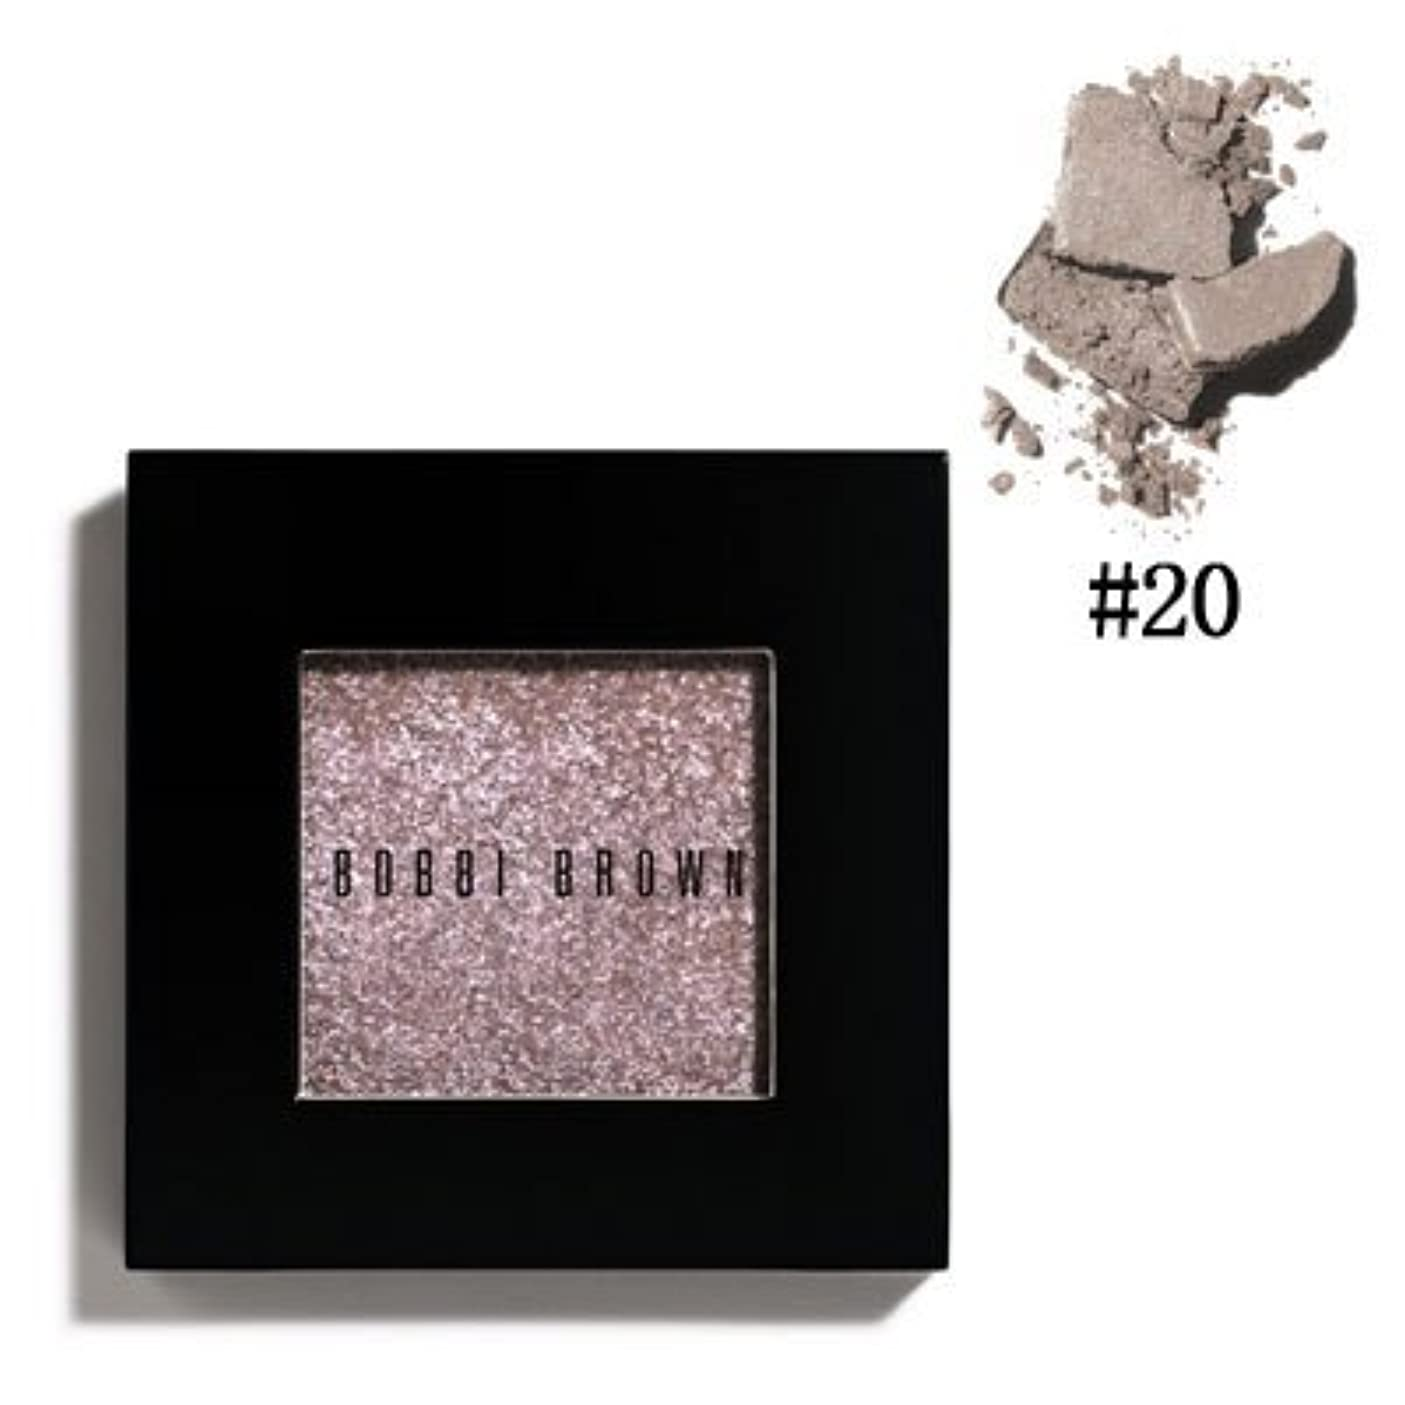 借りる指紋パトワBOBBI BROWN ボビイ ブラウン スパークル アイシャドウ #20 Cement 3g [並行輸入品]